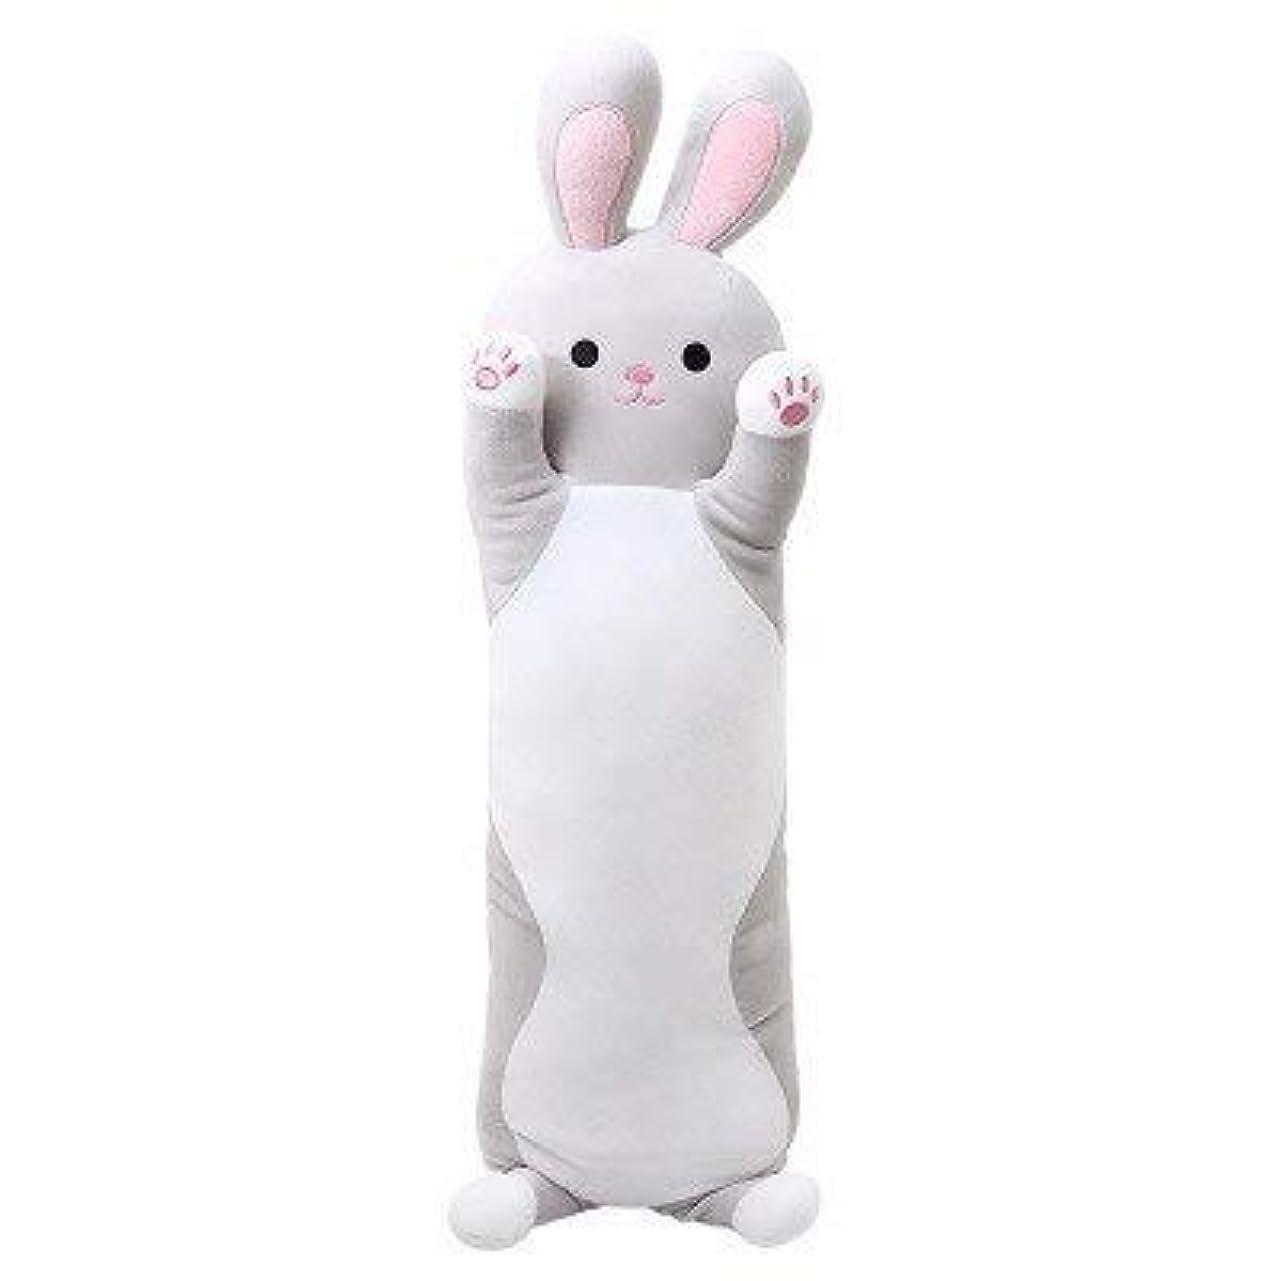 祭り犯罪万歳LIFE センチメートルウサギのぬいぐるみロング睡眠枕を送信するために女の子 Almofada クッション床 Coussin Cojines 装飾 Overwatch クッション 椅子